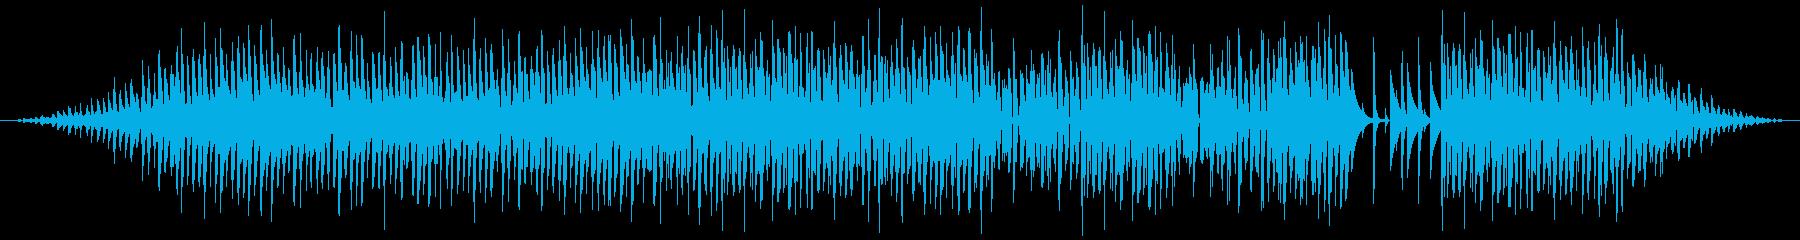 催眠的でロボット的な響きの雰囲気。...の再生済みの波形